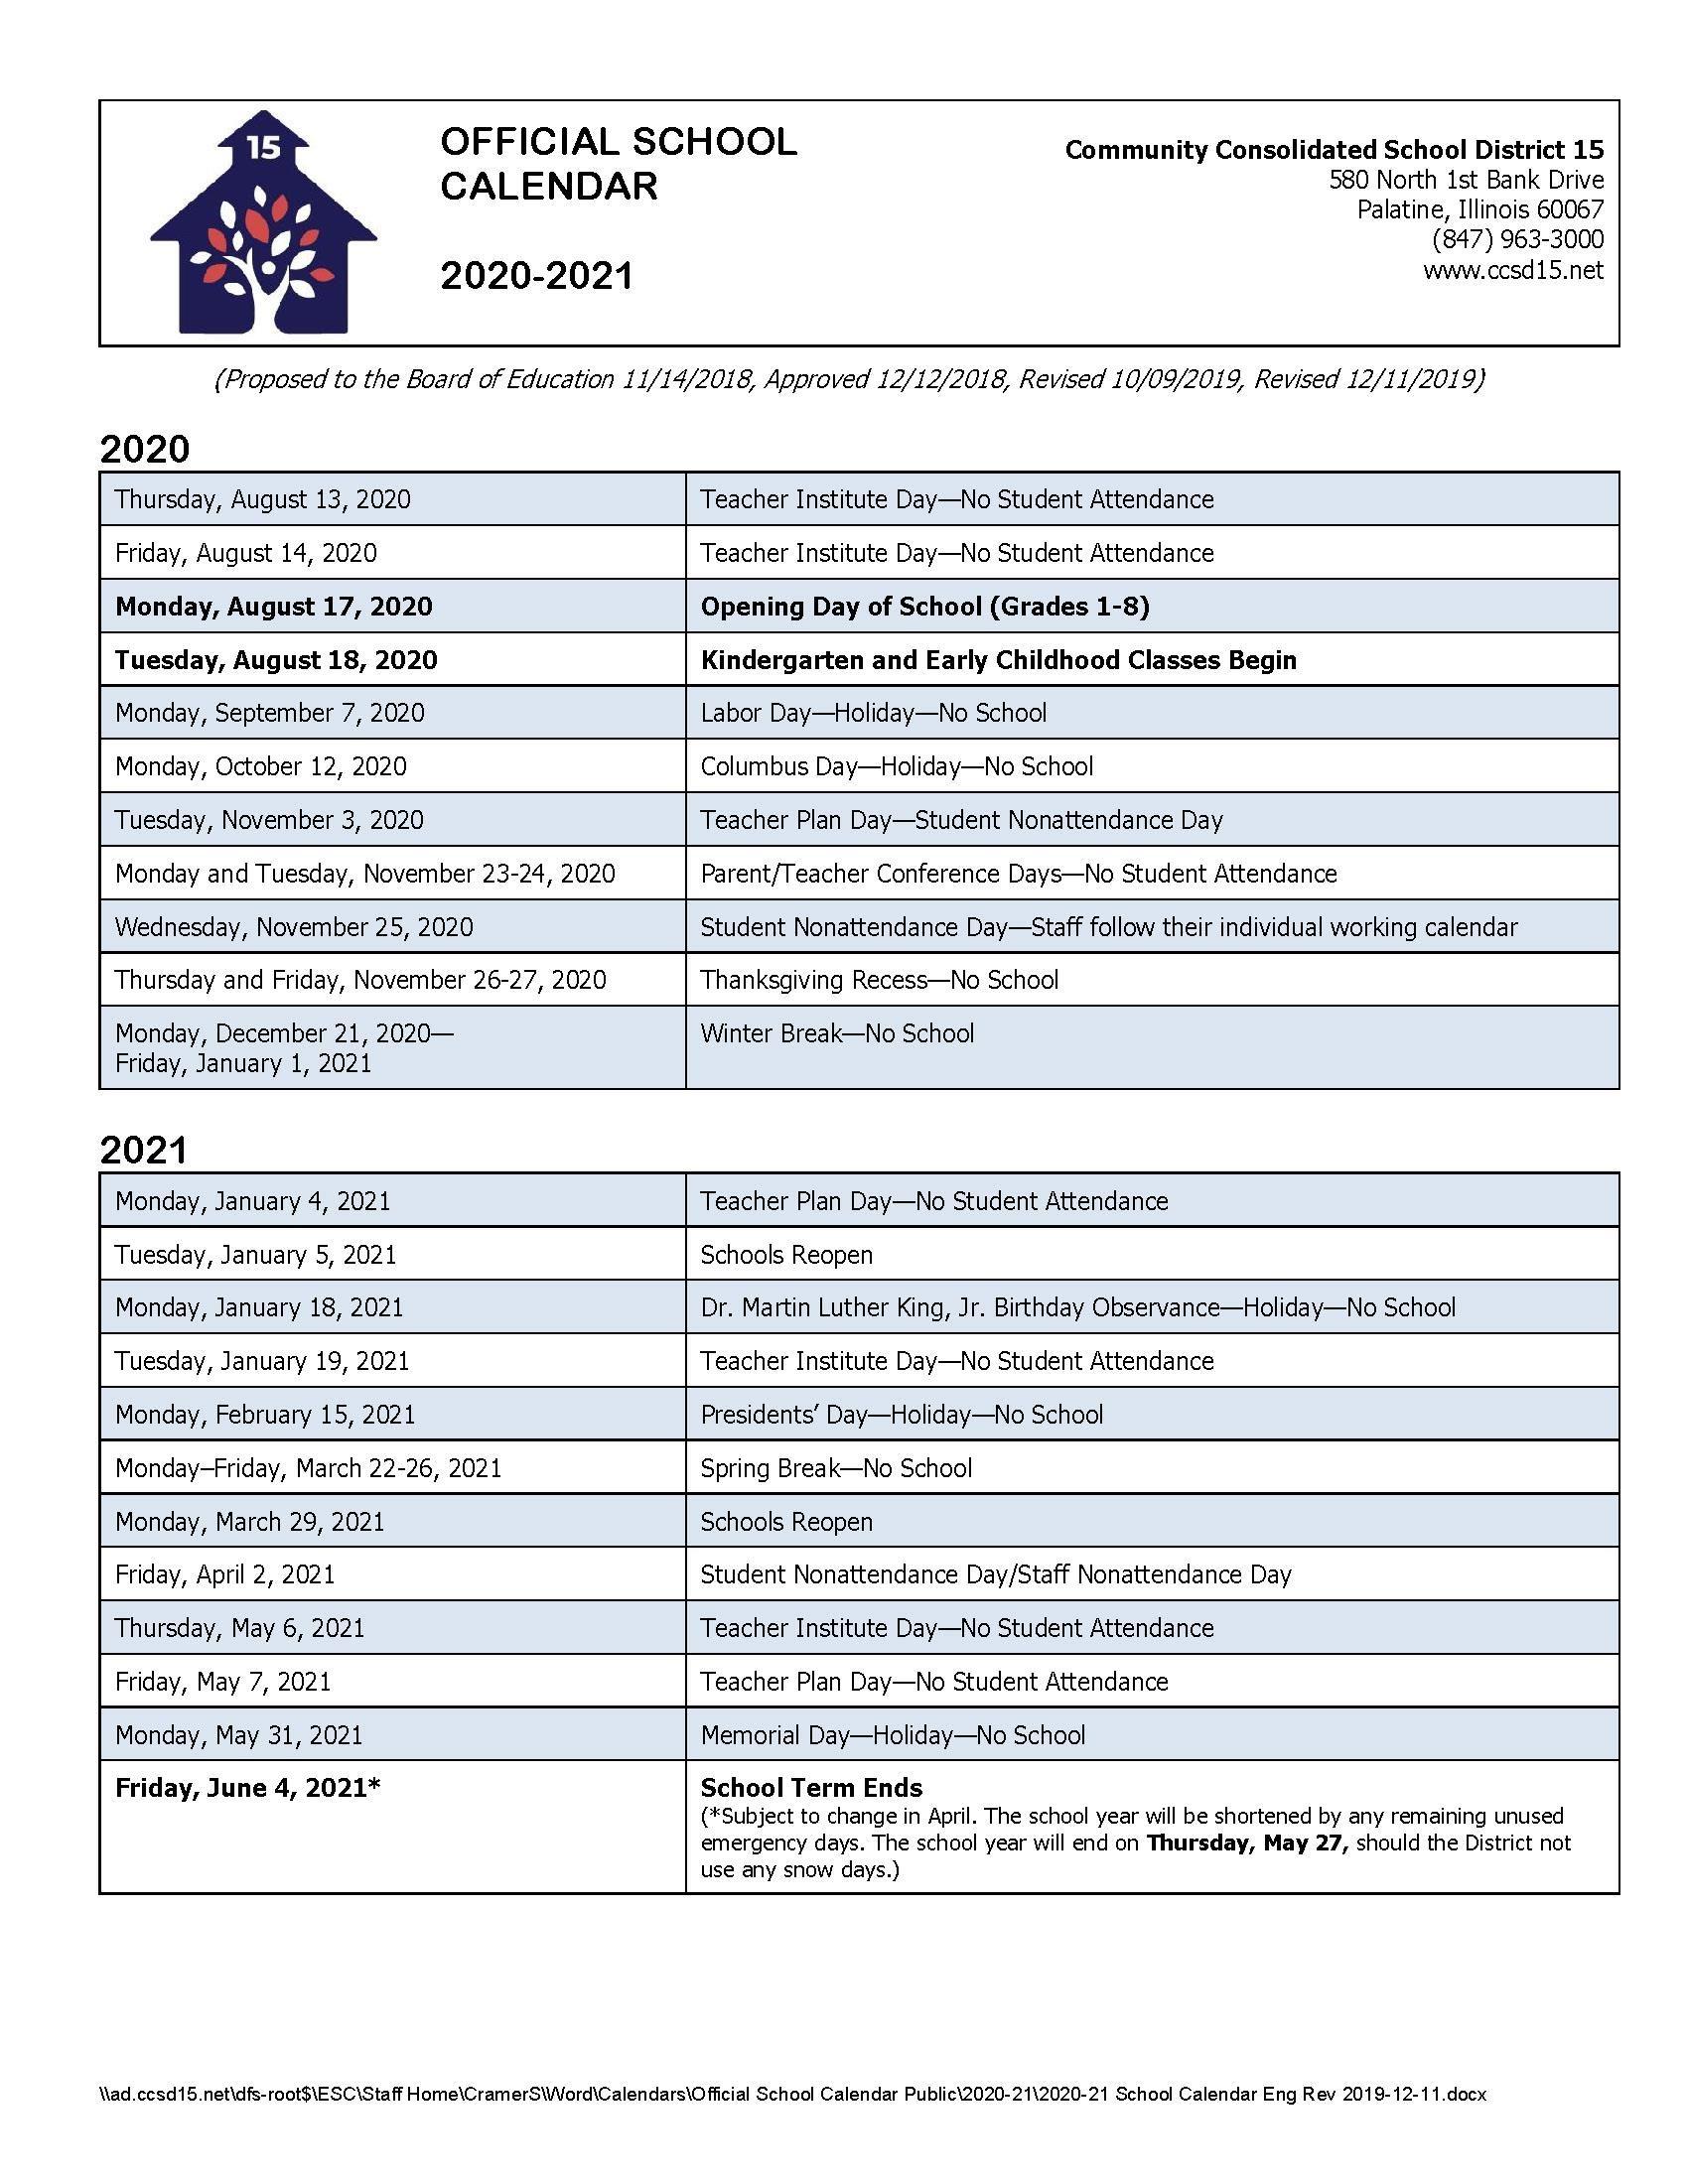 Calendars / 2020-21 Official School Calendar with Chamberlain University Schedule 2021